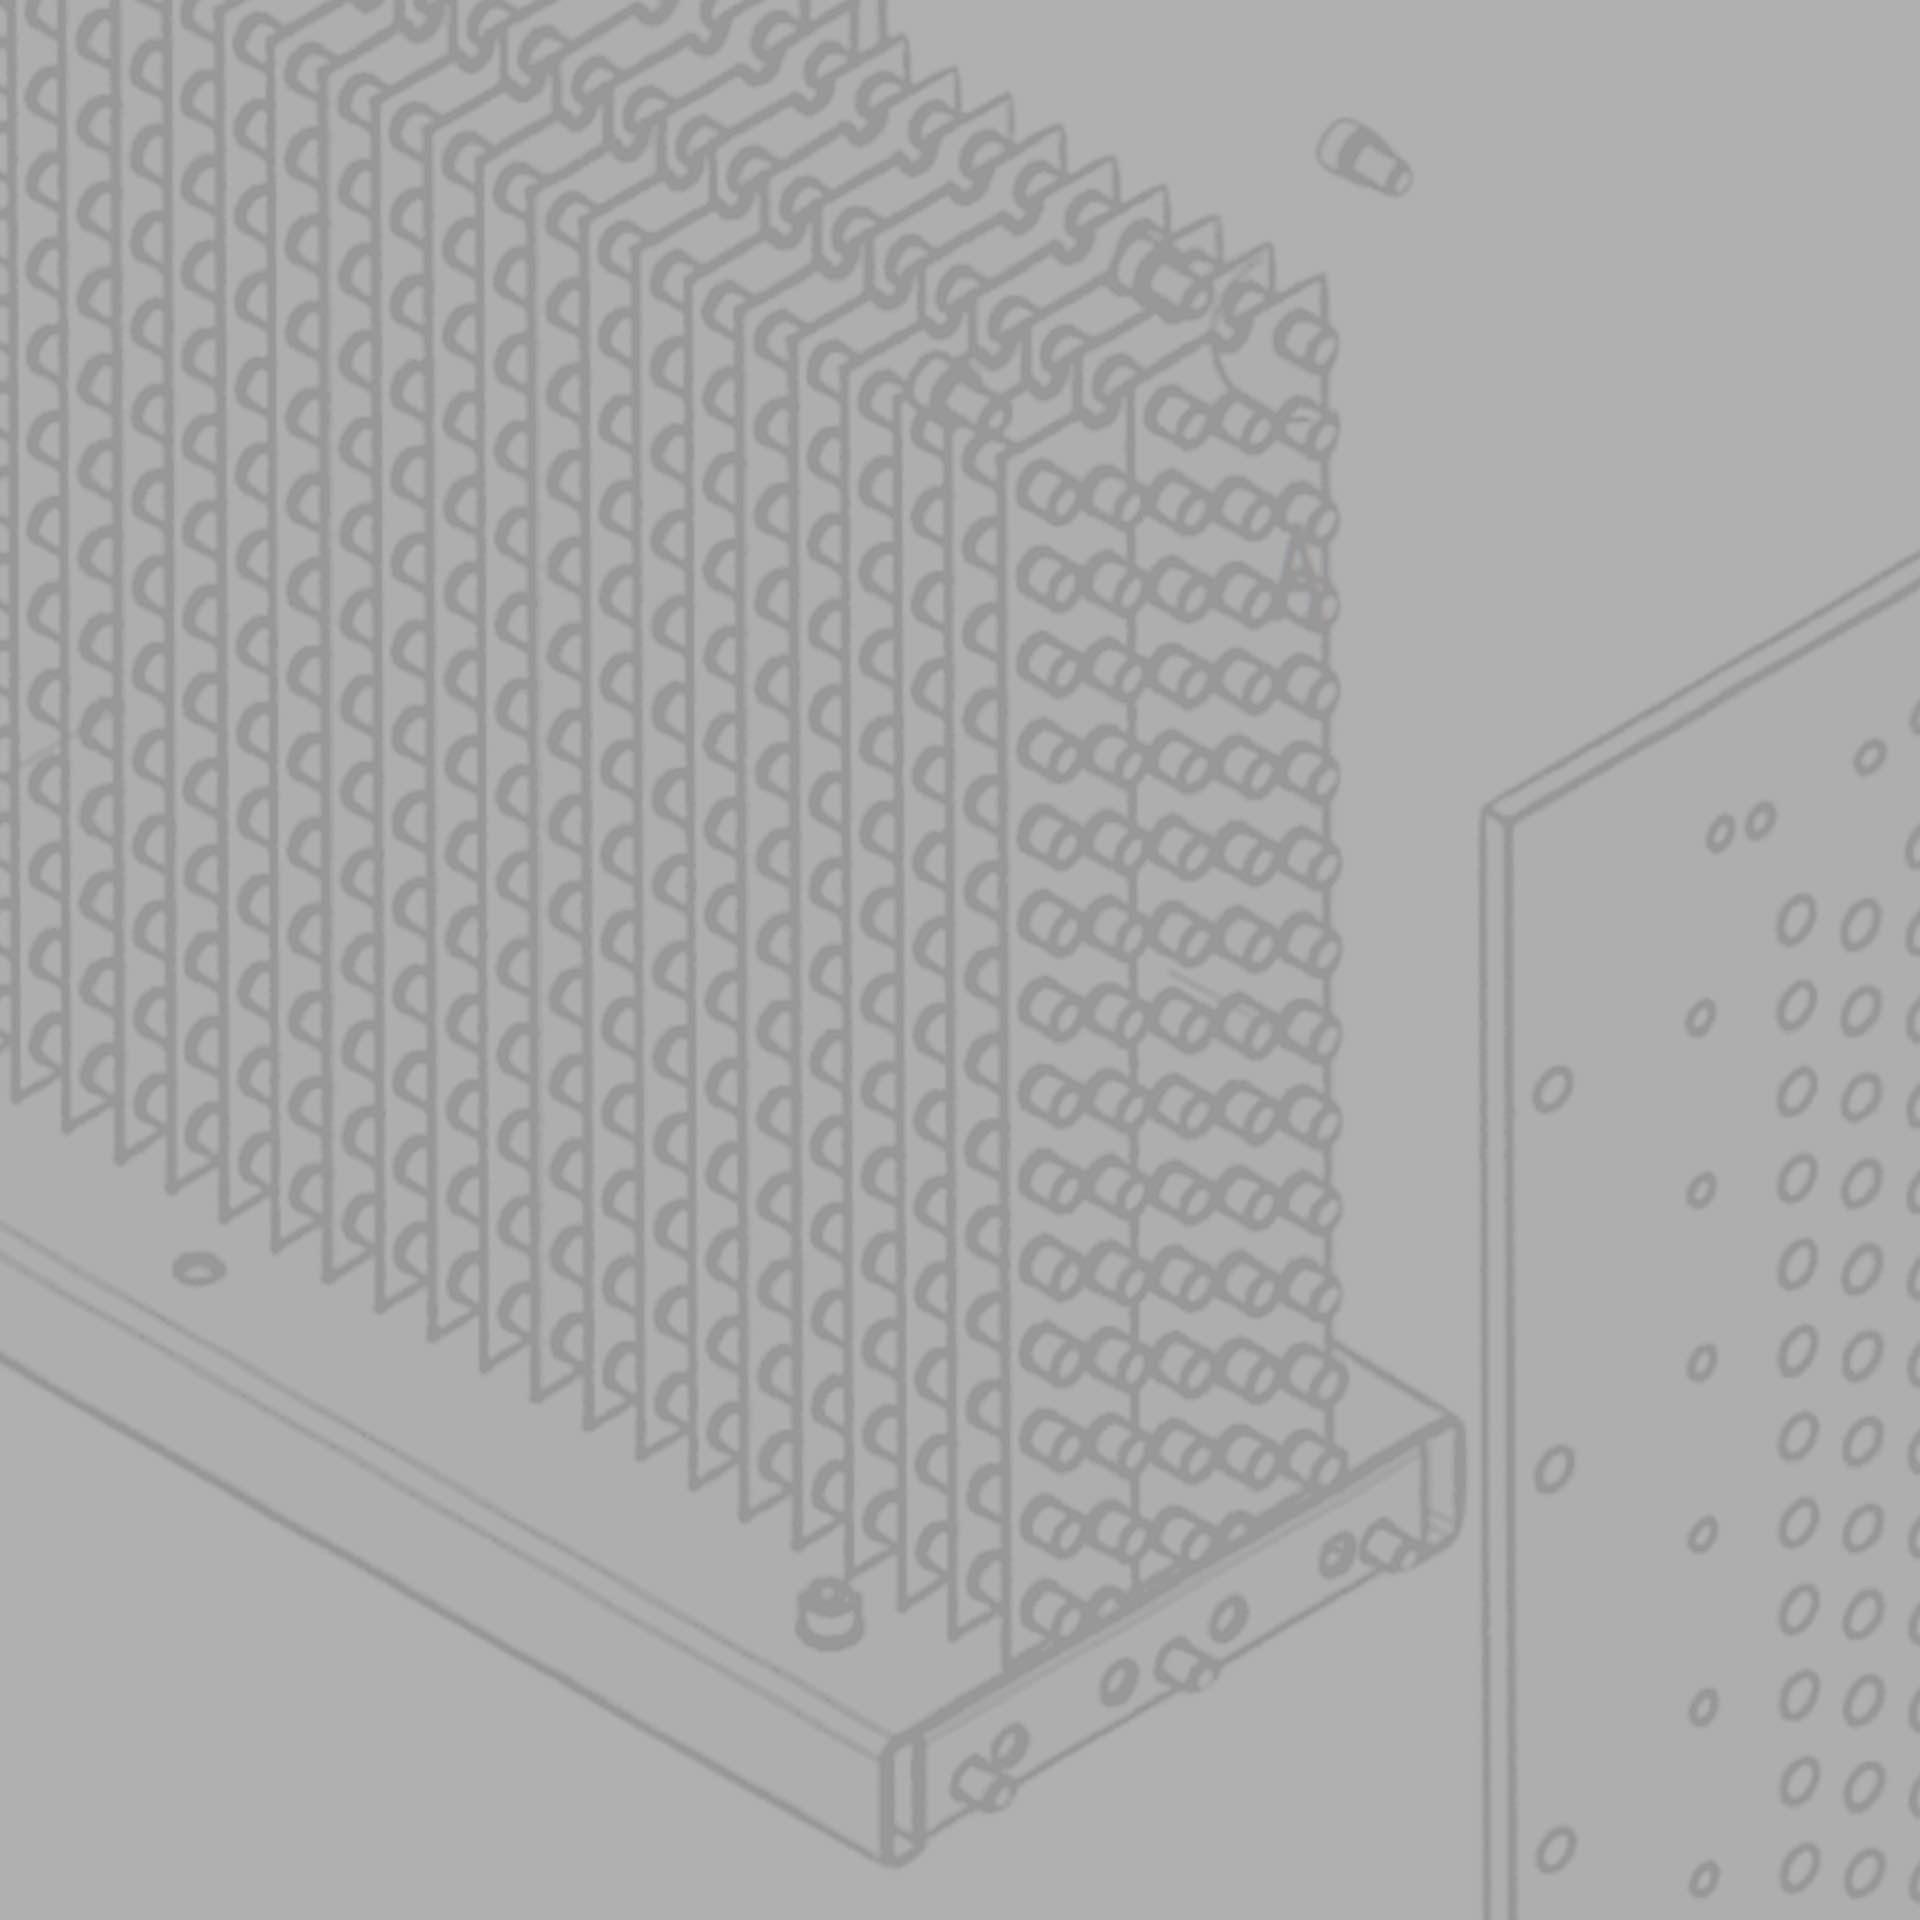 GWA_spare_parts_and_service_4_Gesellschaft_fuer_Waerme_und_Anlagentechnik_mbH_monochrom